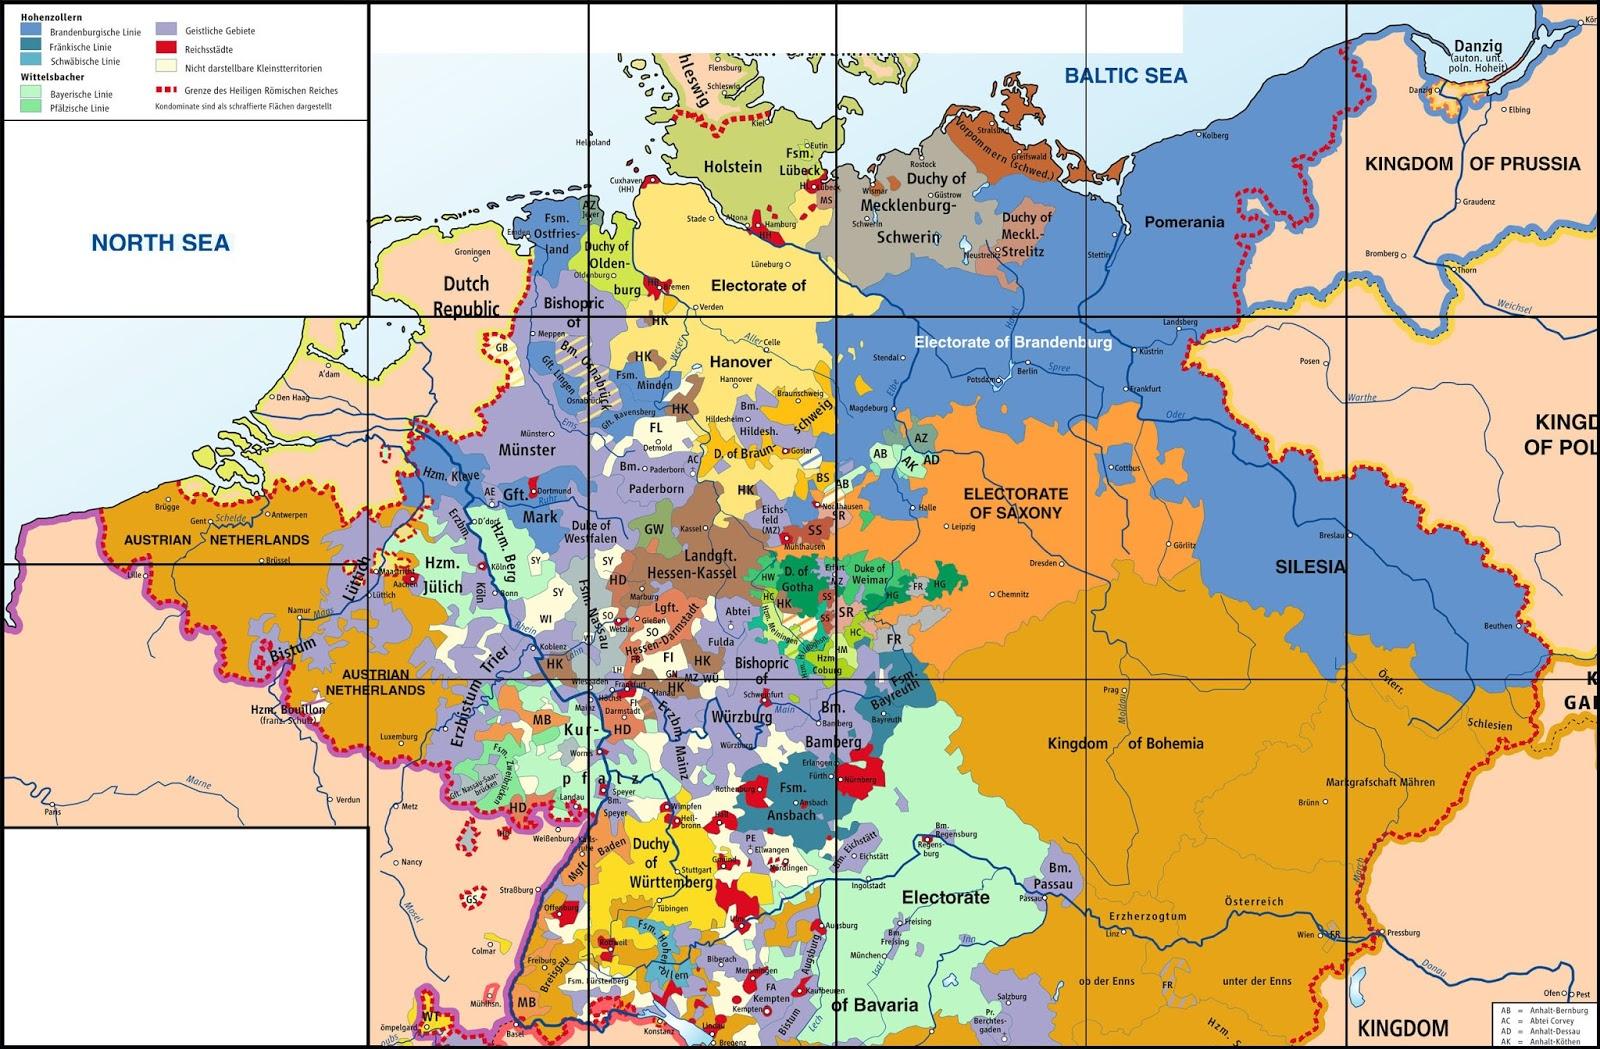 Heiliges Römisches Reich Karte.Bilder Zu Heiliges Römisches Reich Deutscher Nation Karte